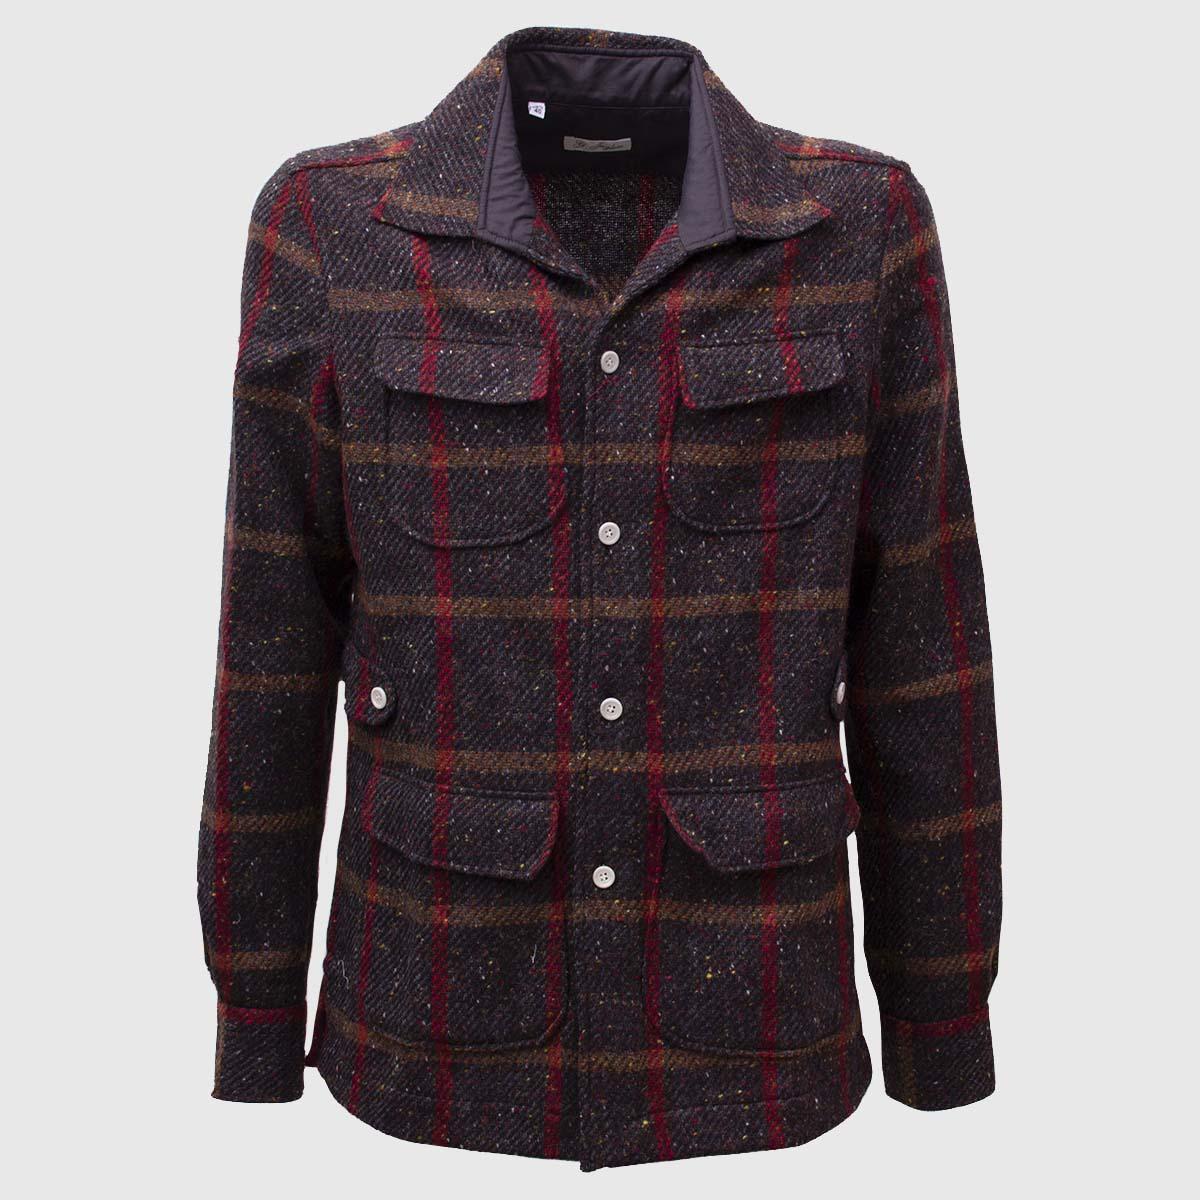 100% Wool Sahariana Irish Donegal